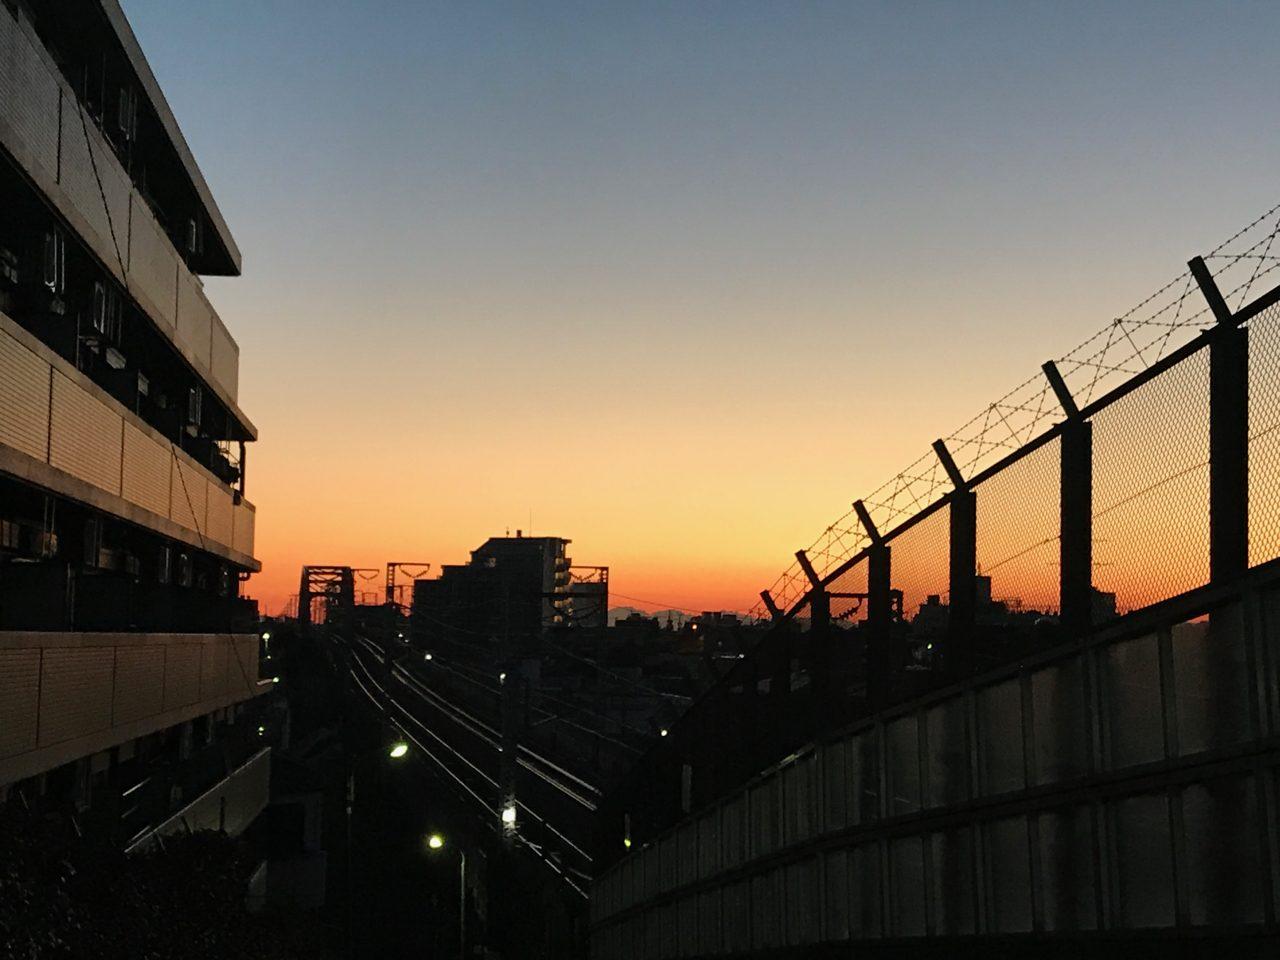 夜明けの新幹線